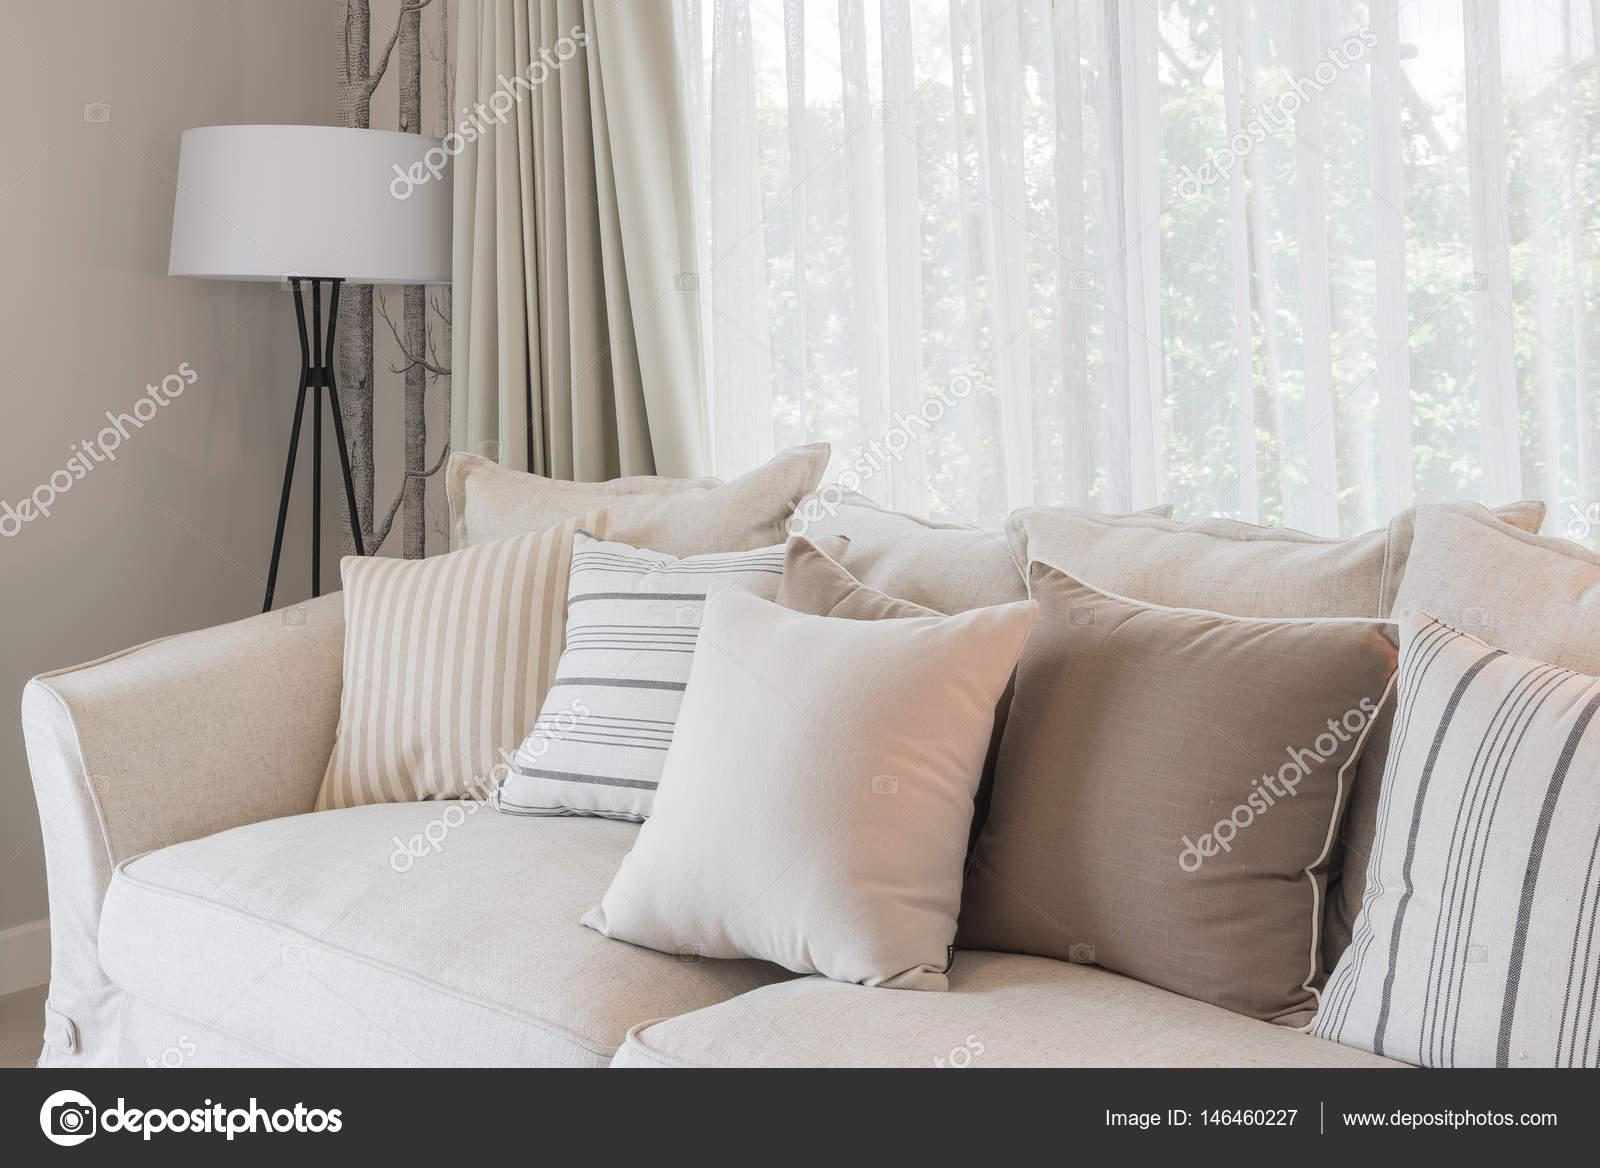 Satz von Kissen auf klassisches Sofa im modernen Wohnzimmer ...